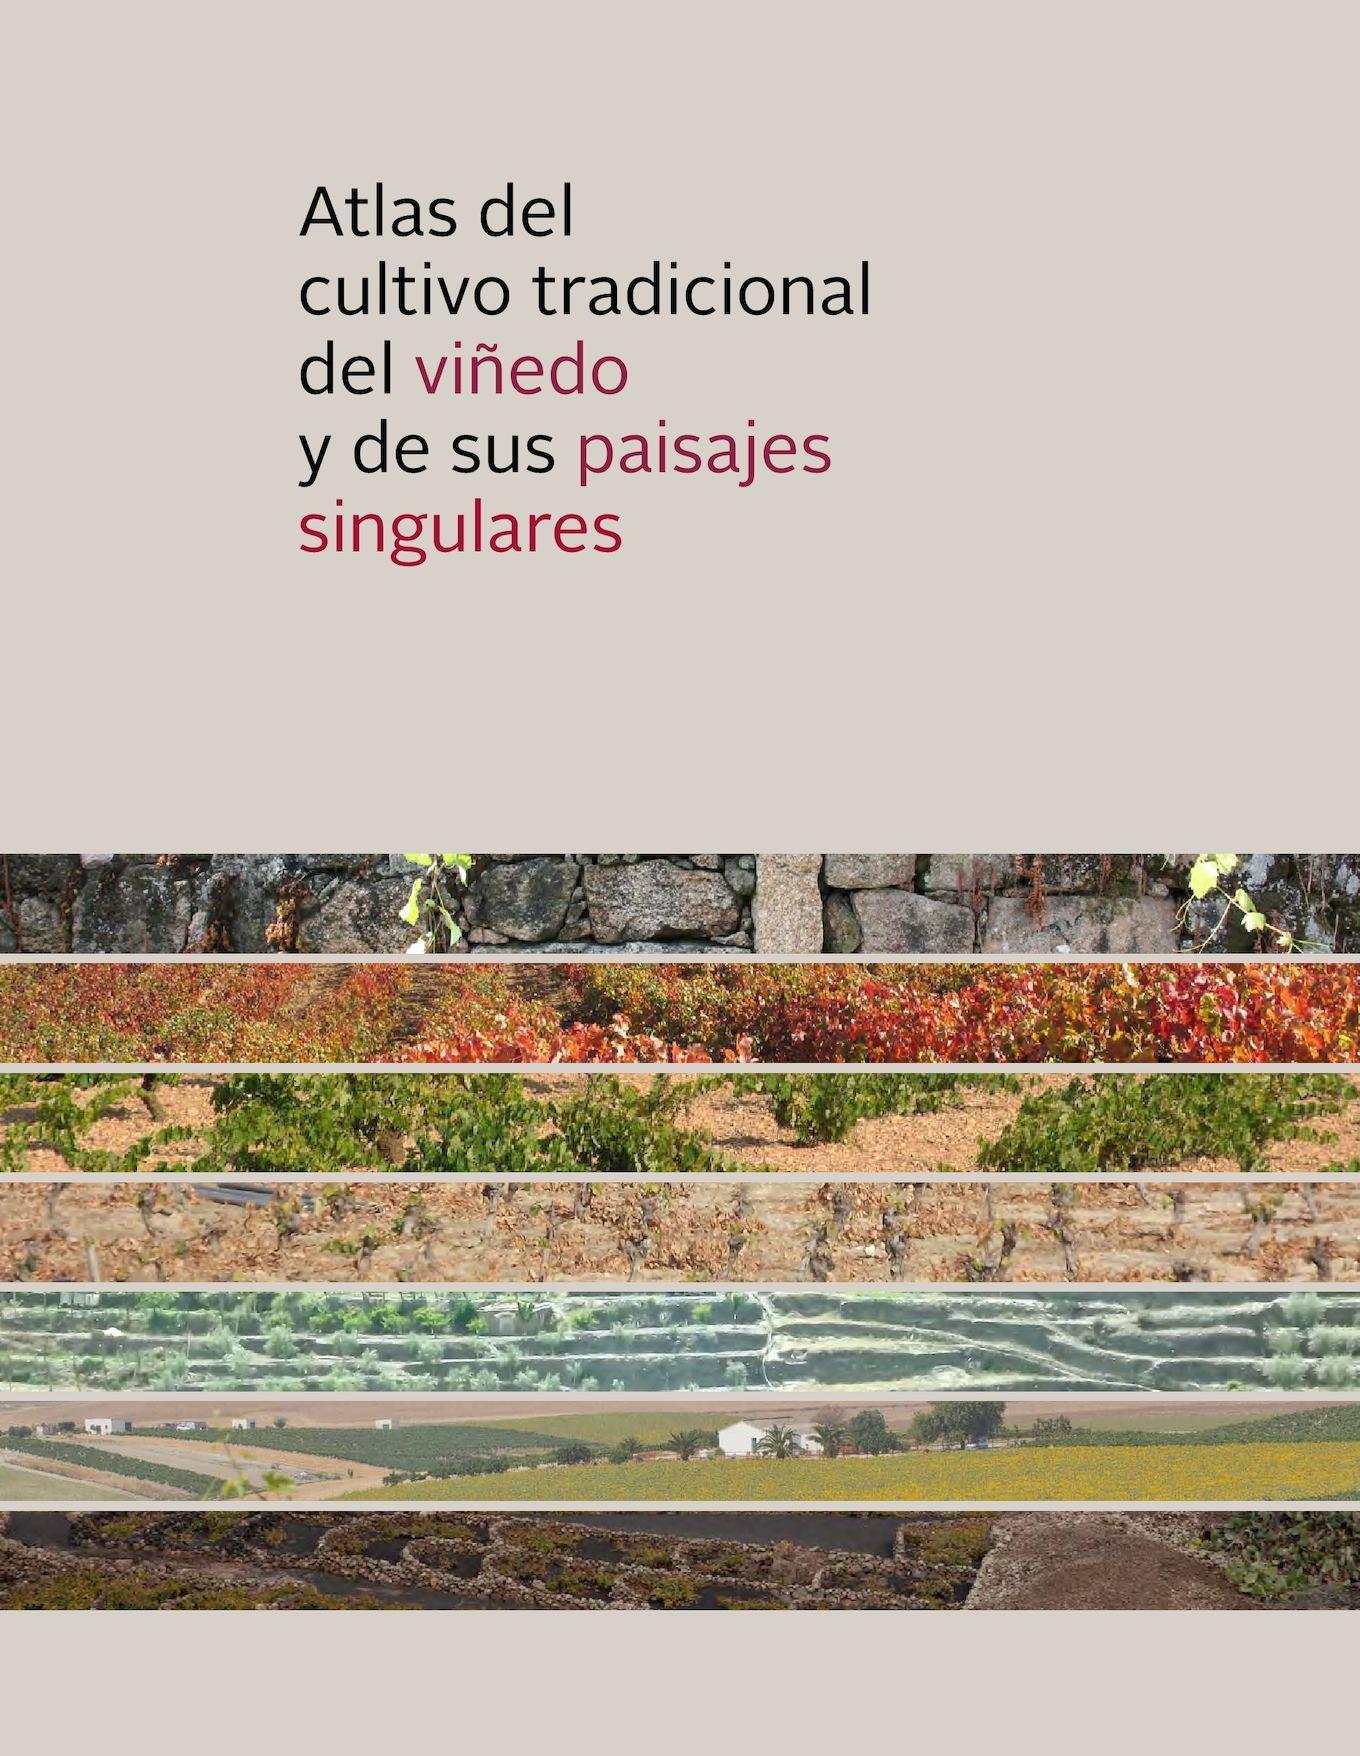 b355ece96c4 Calaméo - Atlas del cultivo tradicional del viñedo y de sus paisajes  singulares